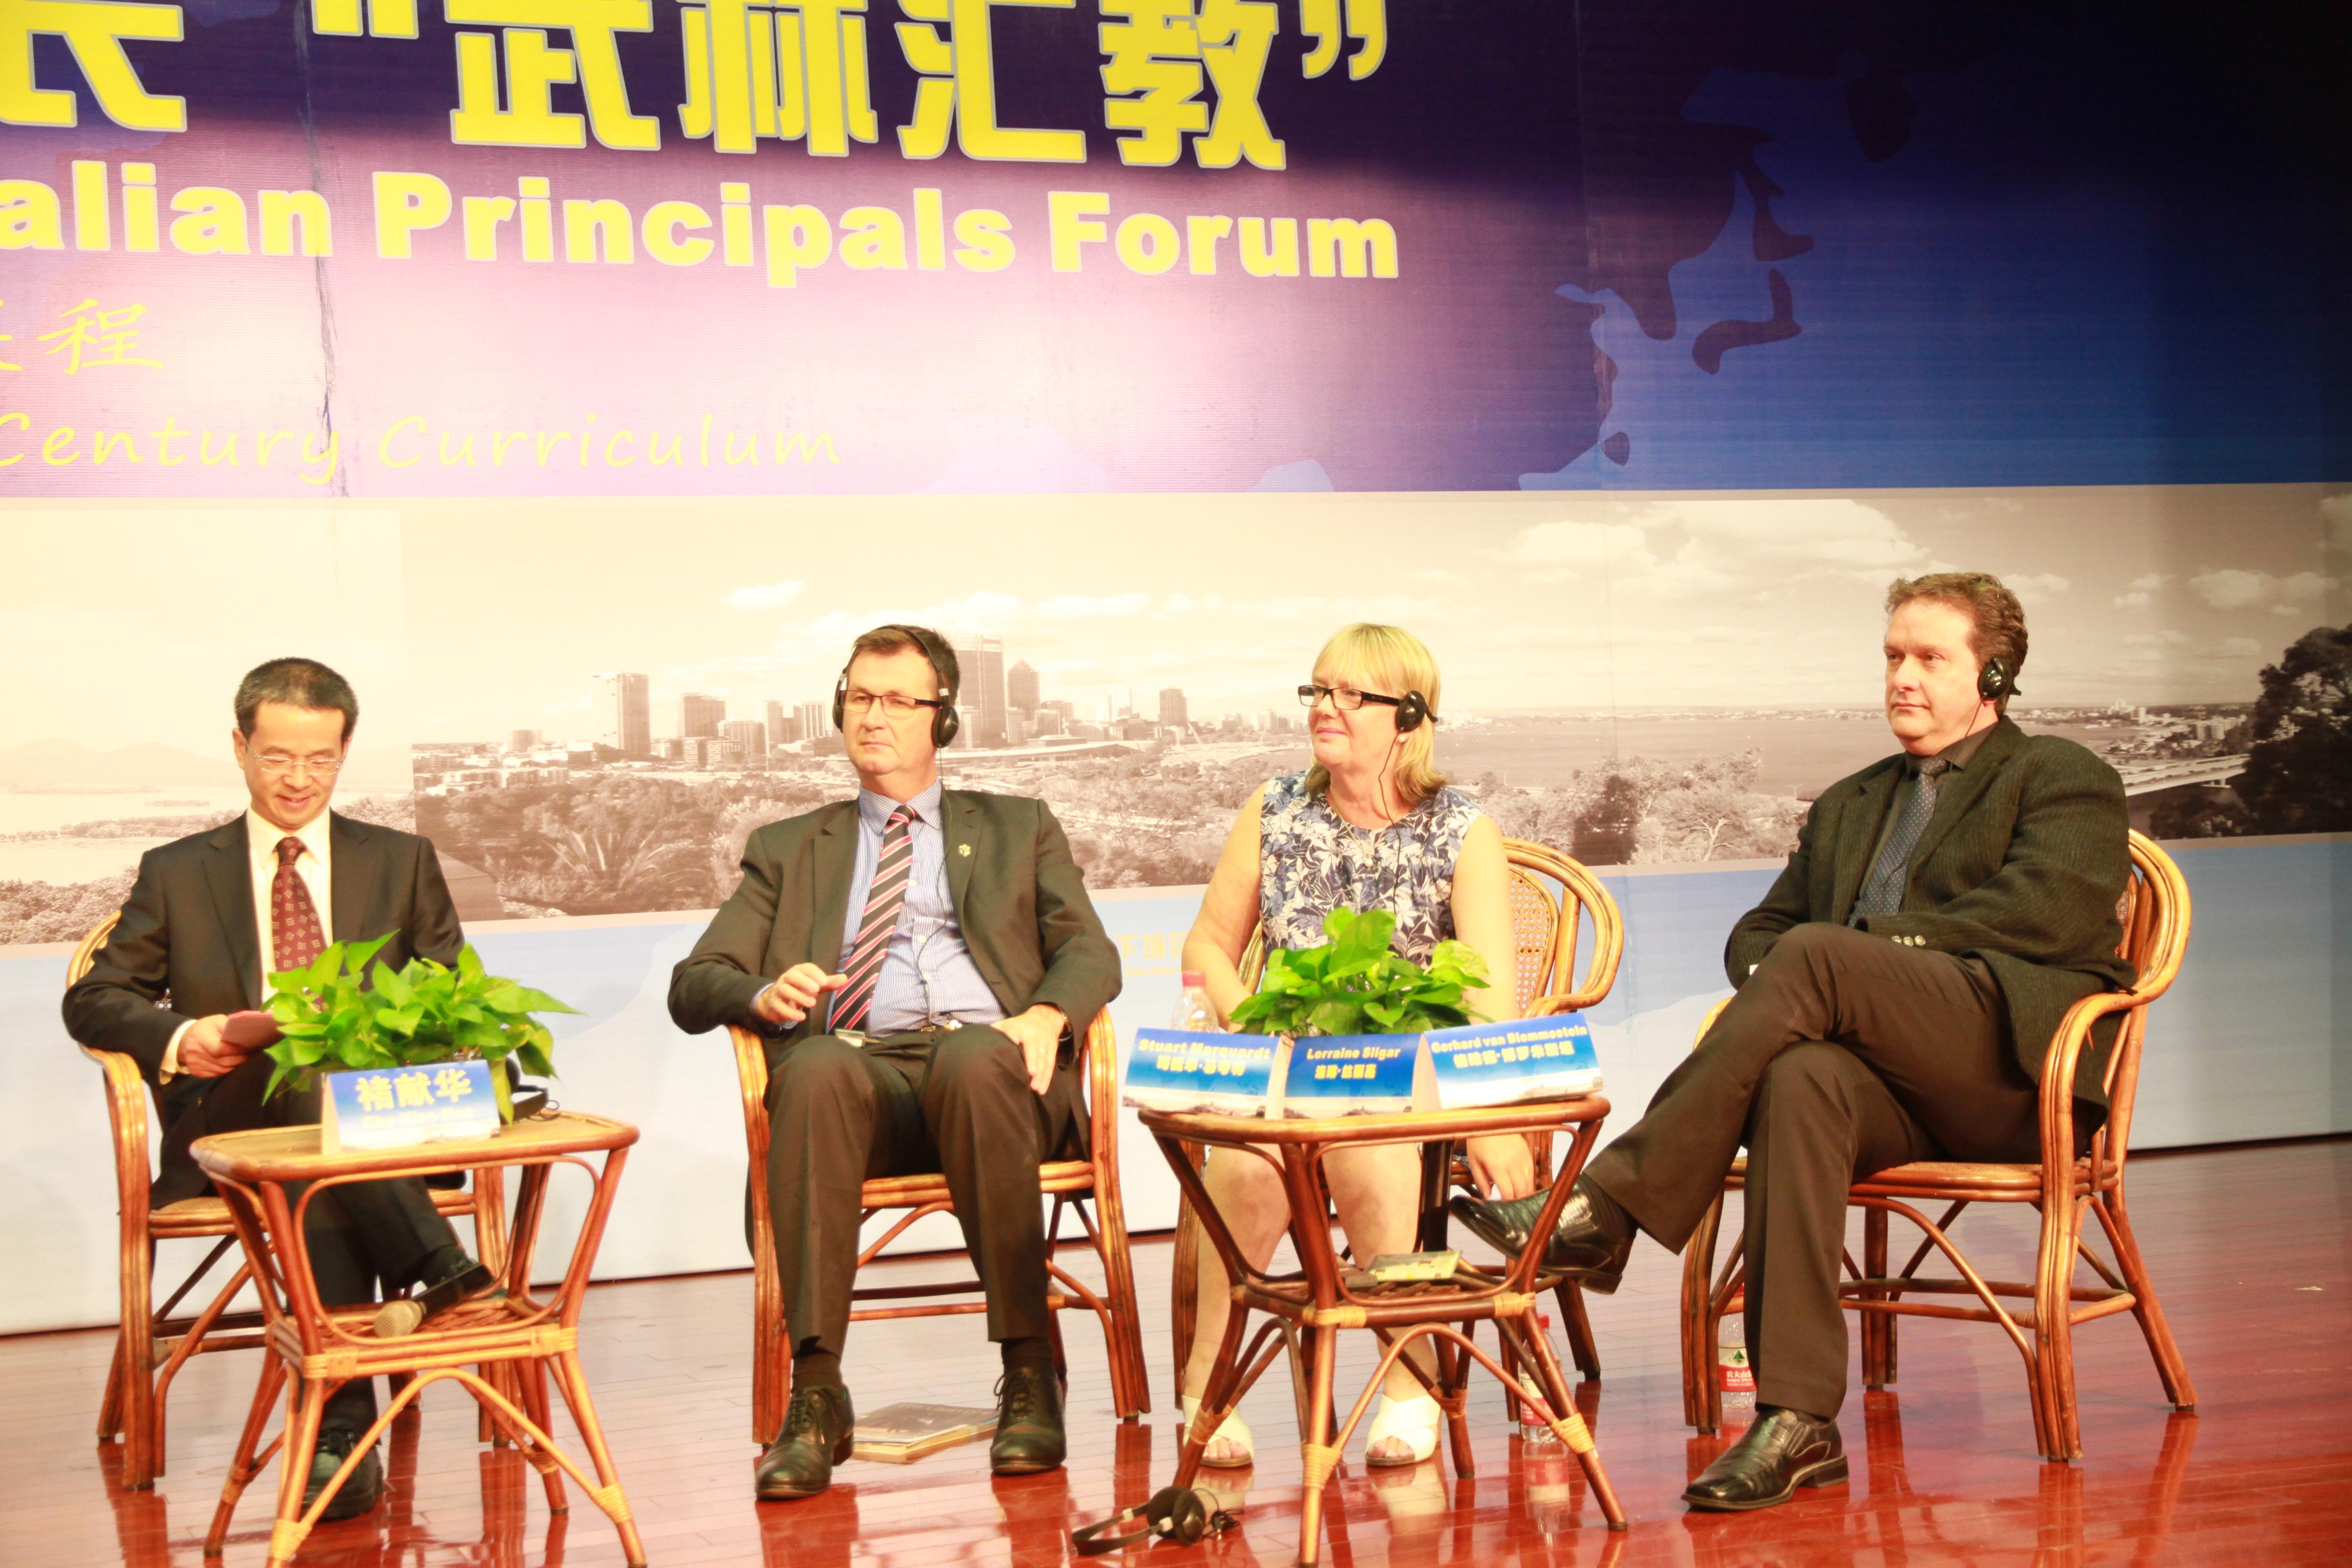 Principals Forum 2014